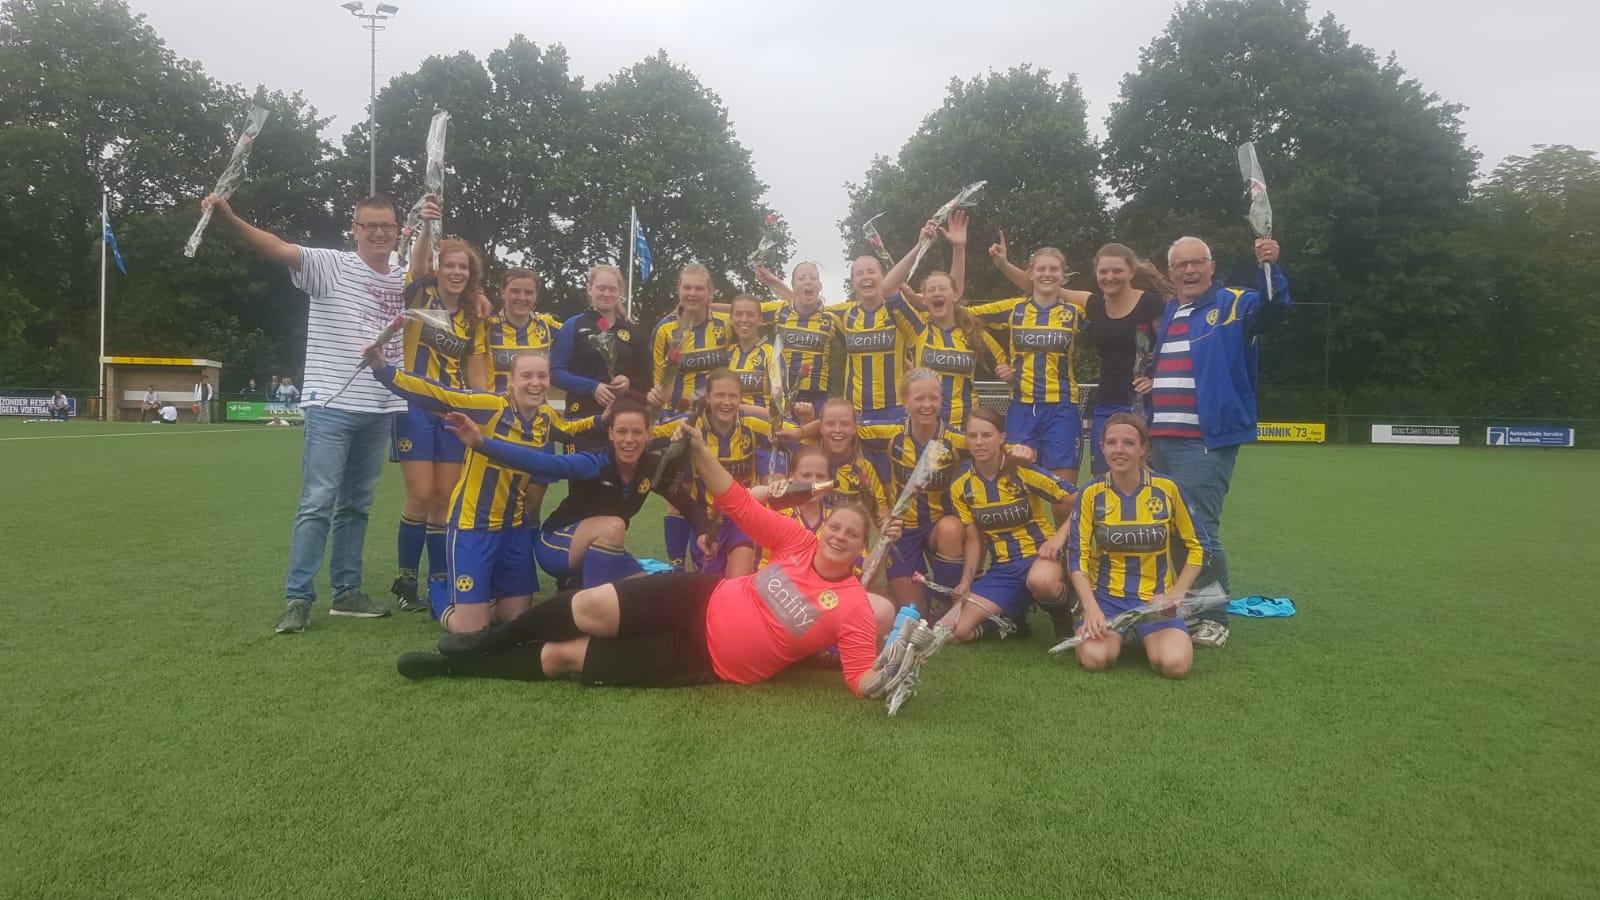 GELUKT!!! Dames 1 schakelt vv Baardwijk uit en promoveert naar de 2e klasse.